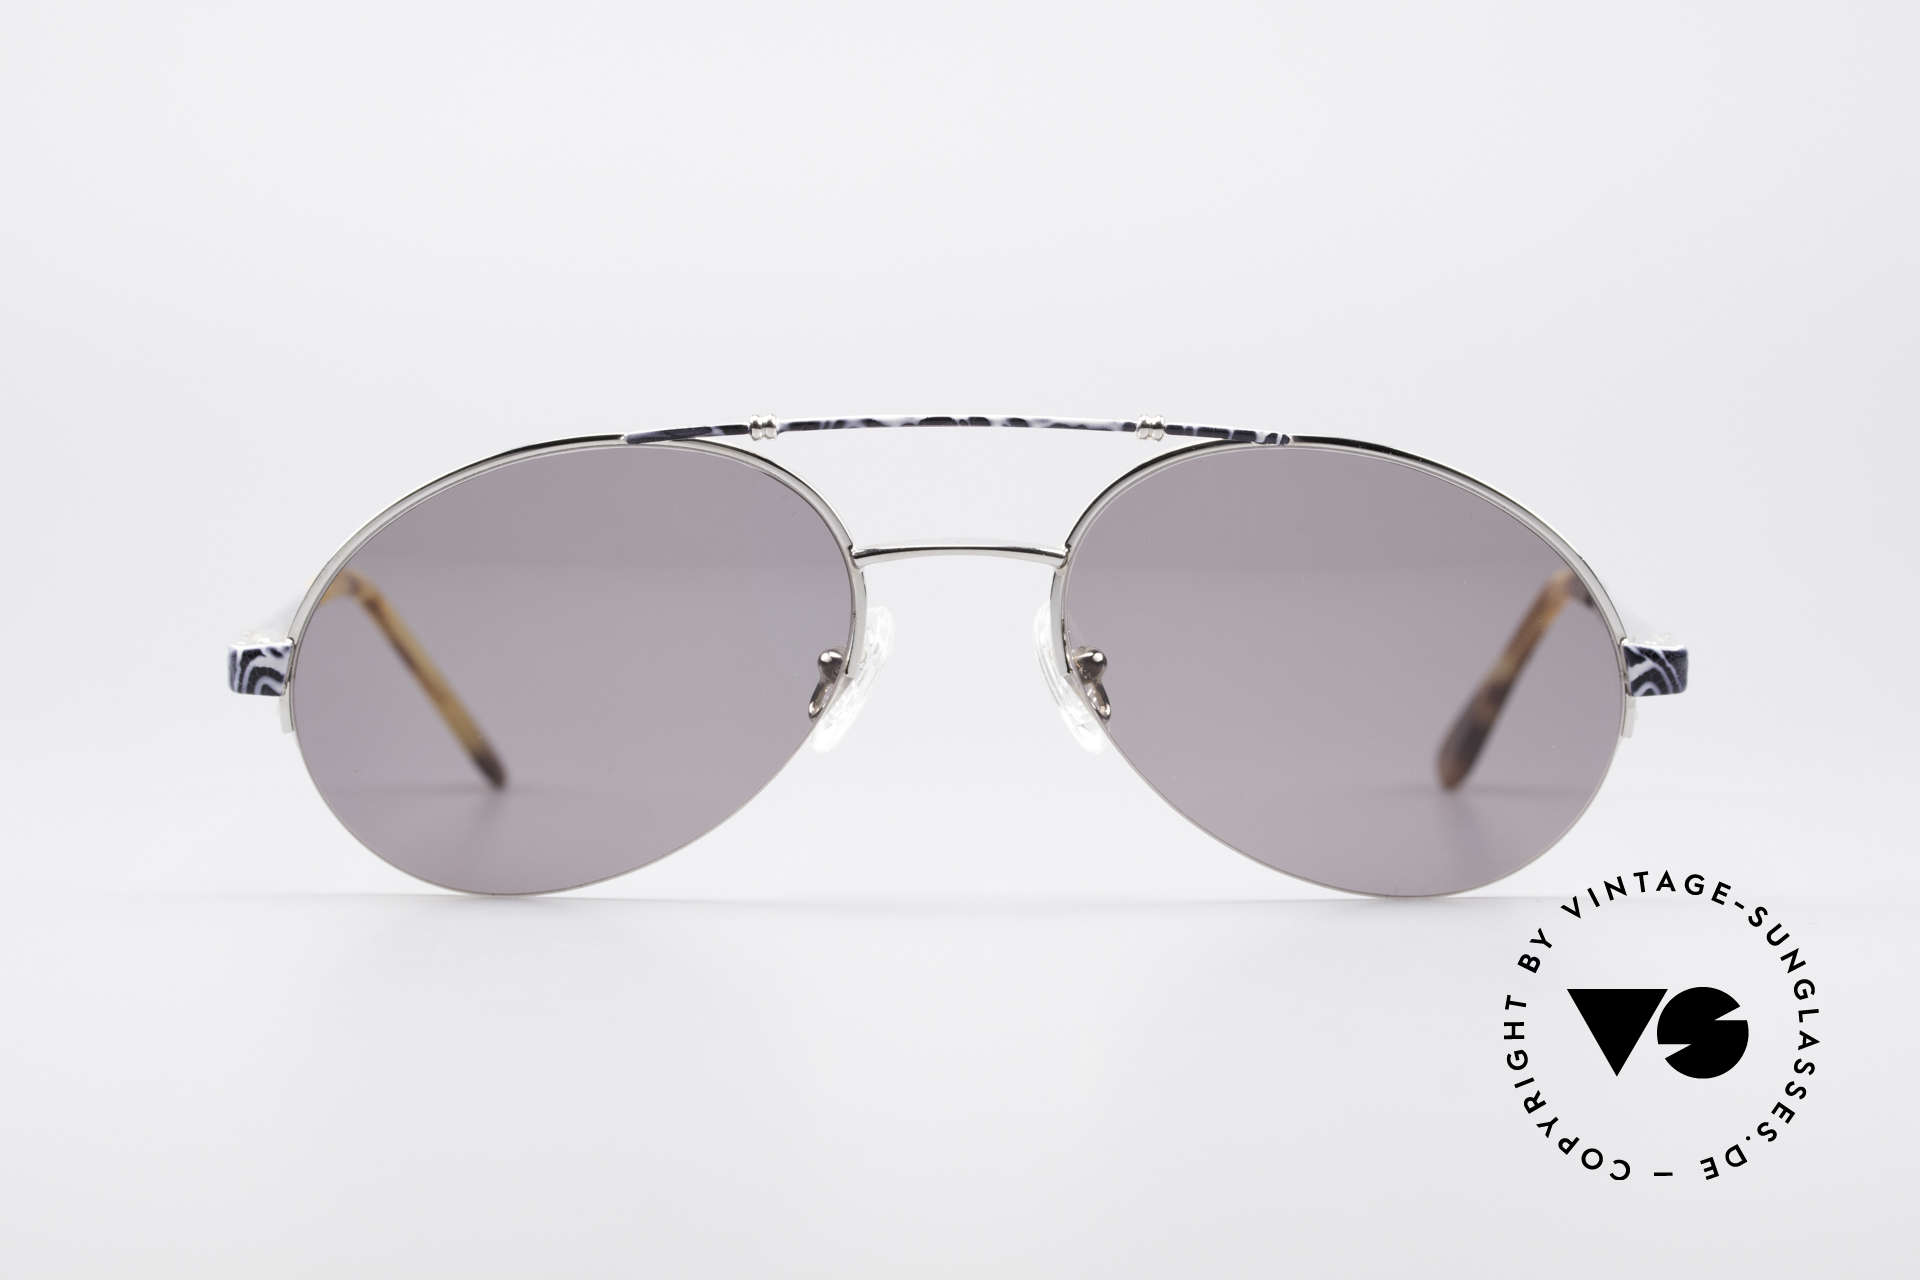 Bugatti 14651 90er Vintage Herrenbrille, hochwertigste Lackierung (subtiles blau/grau-Muster), Passend für Herren